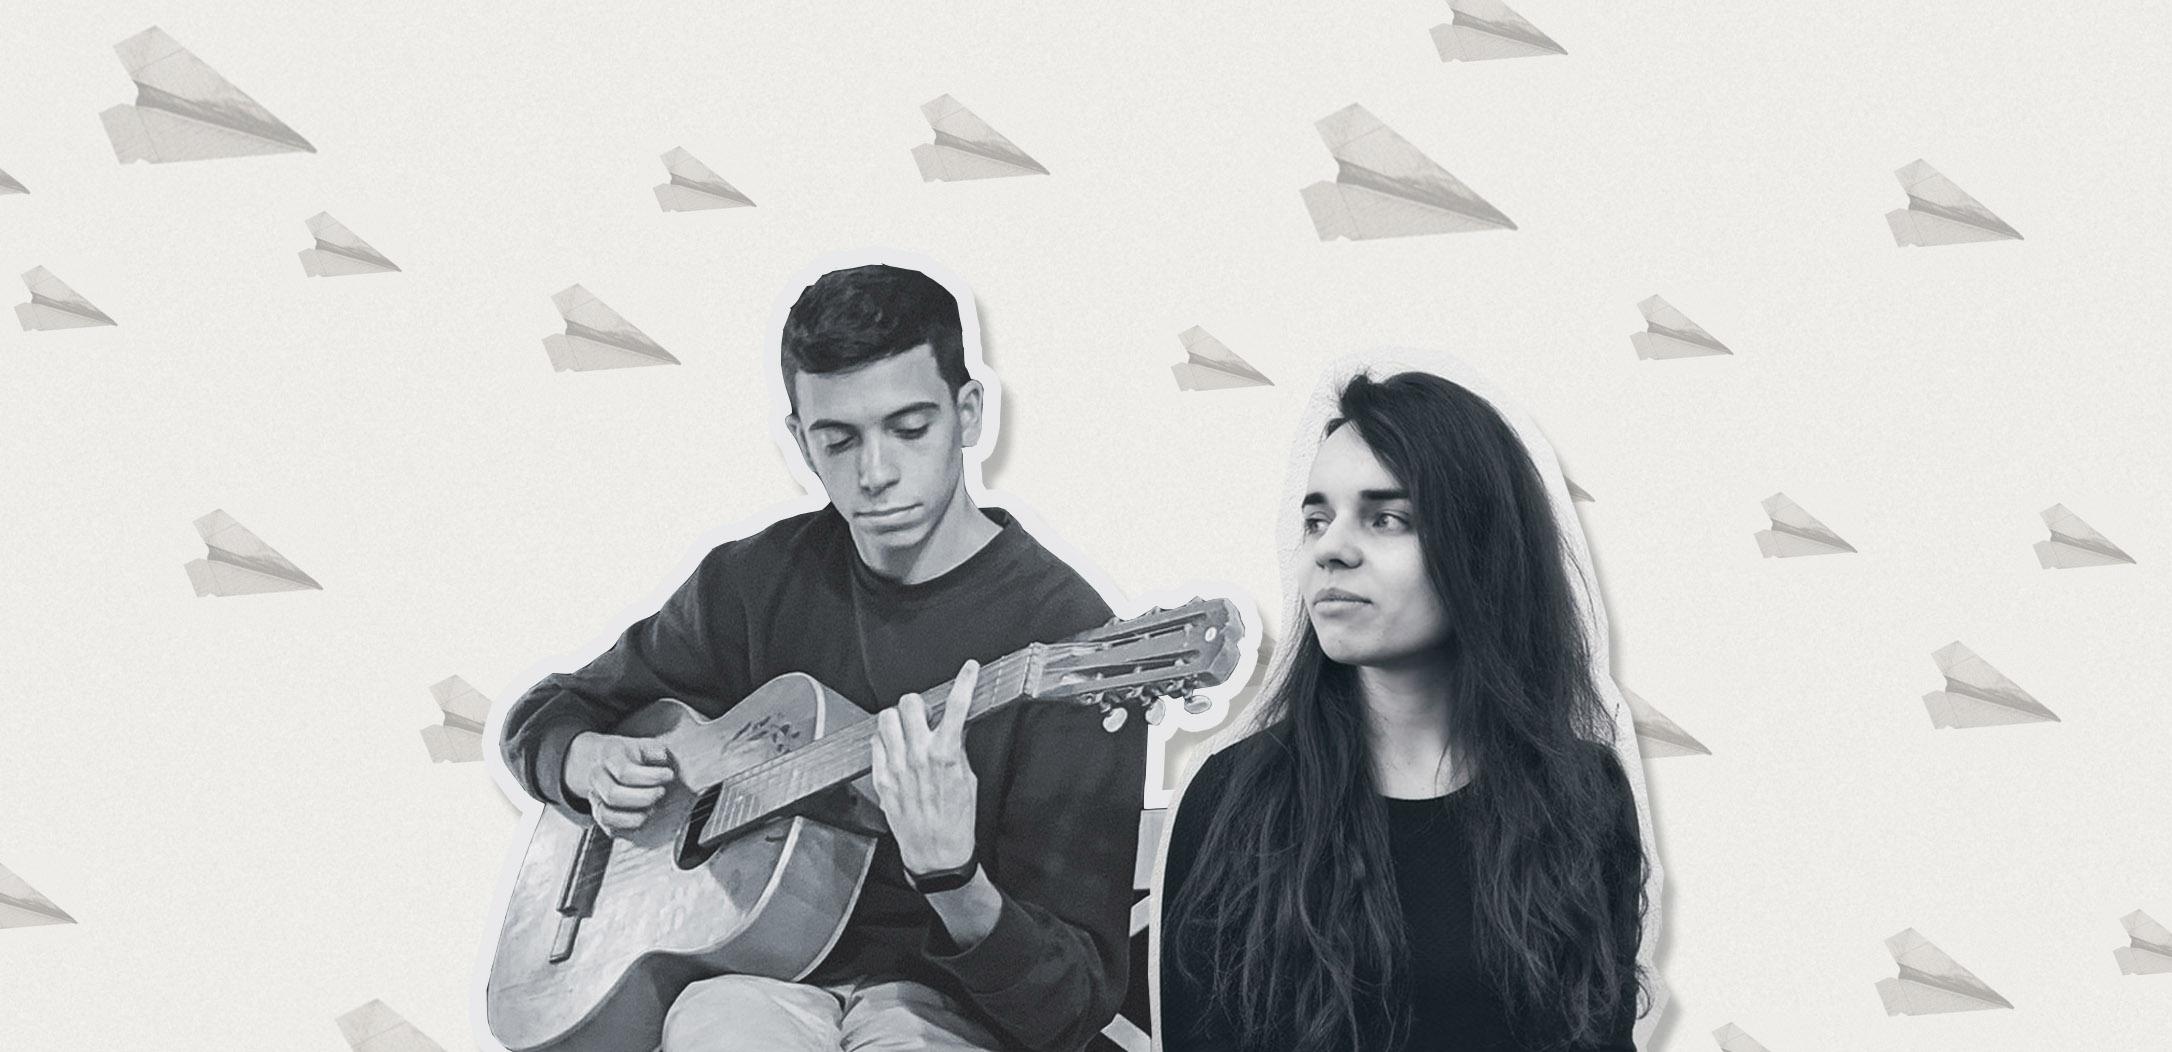 Гурт із Дніпра випустив дебютний сингл